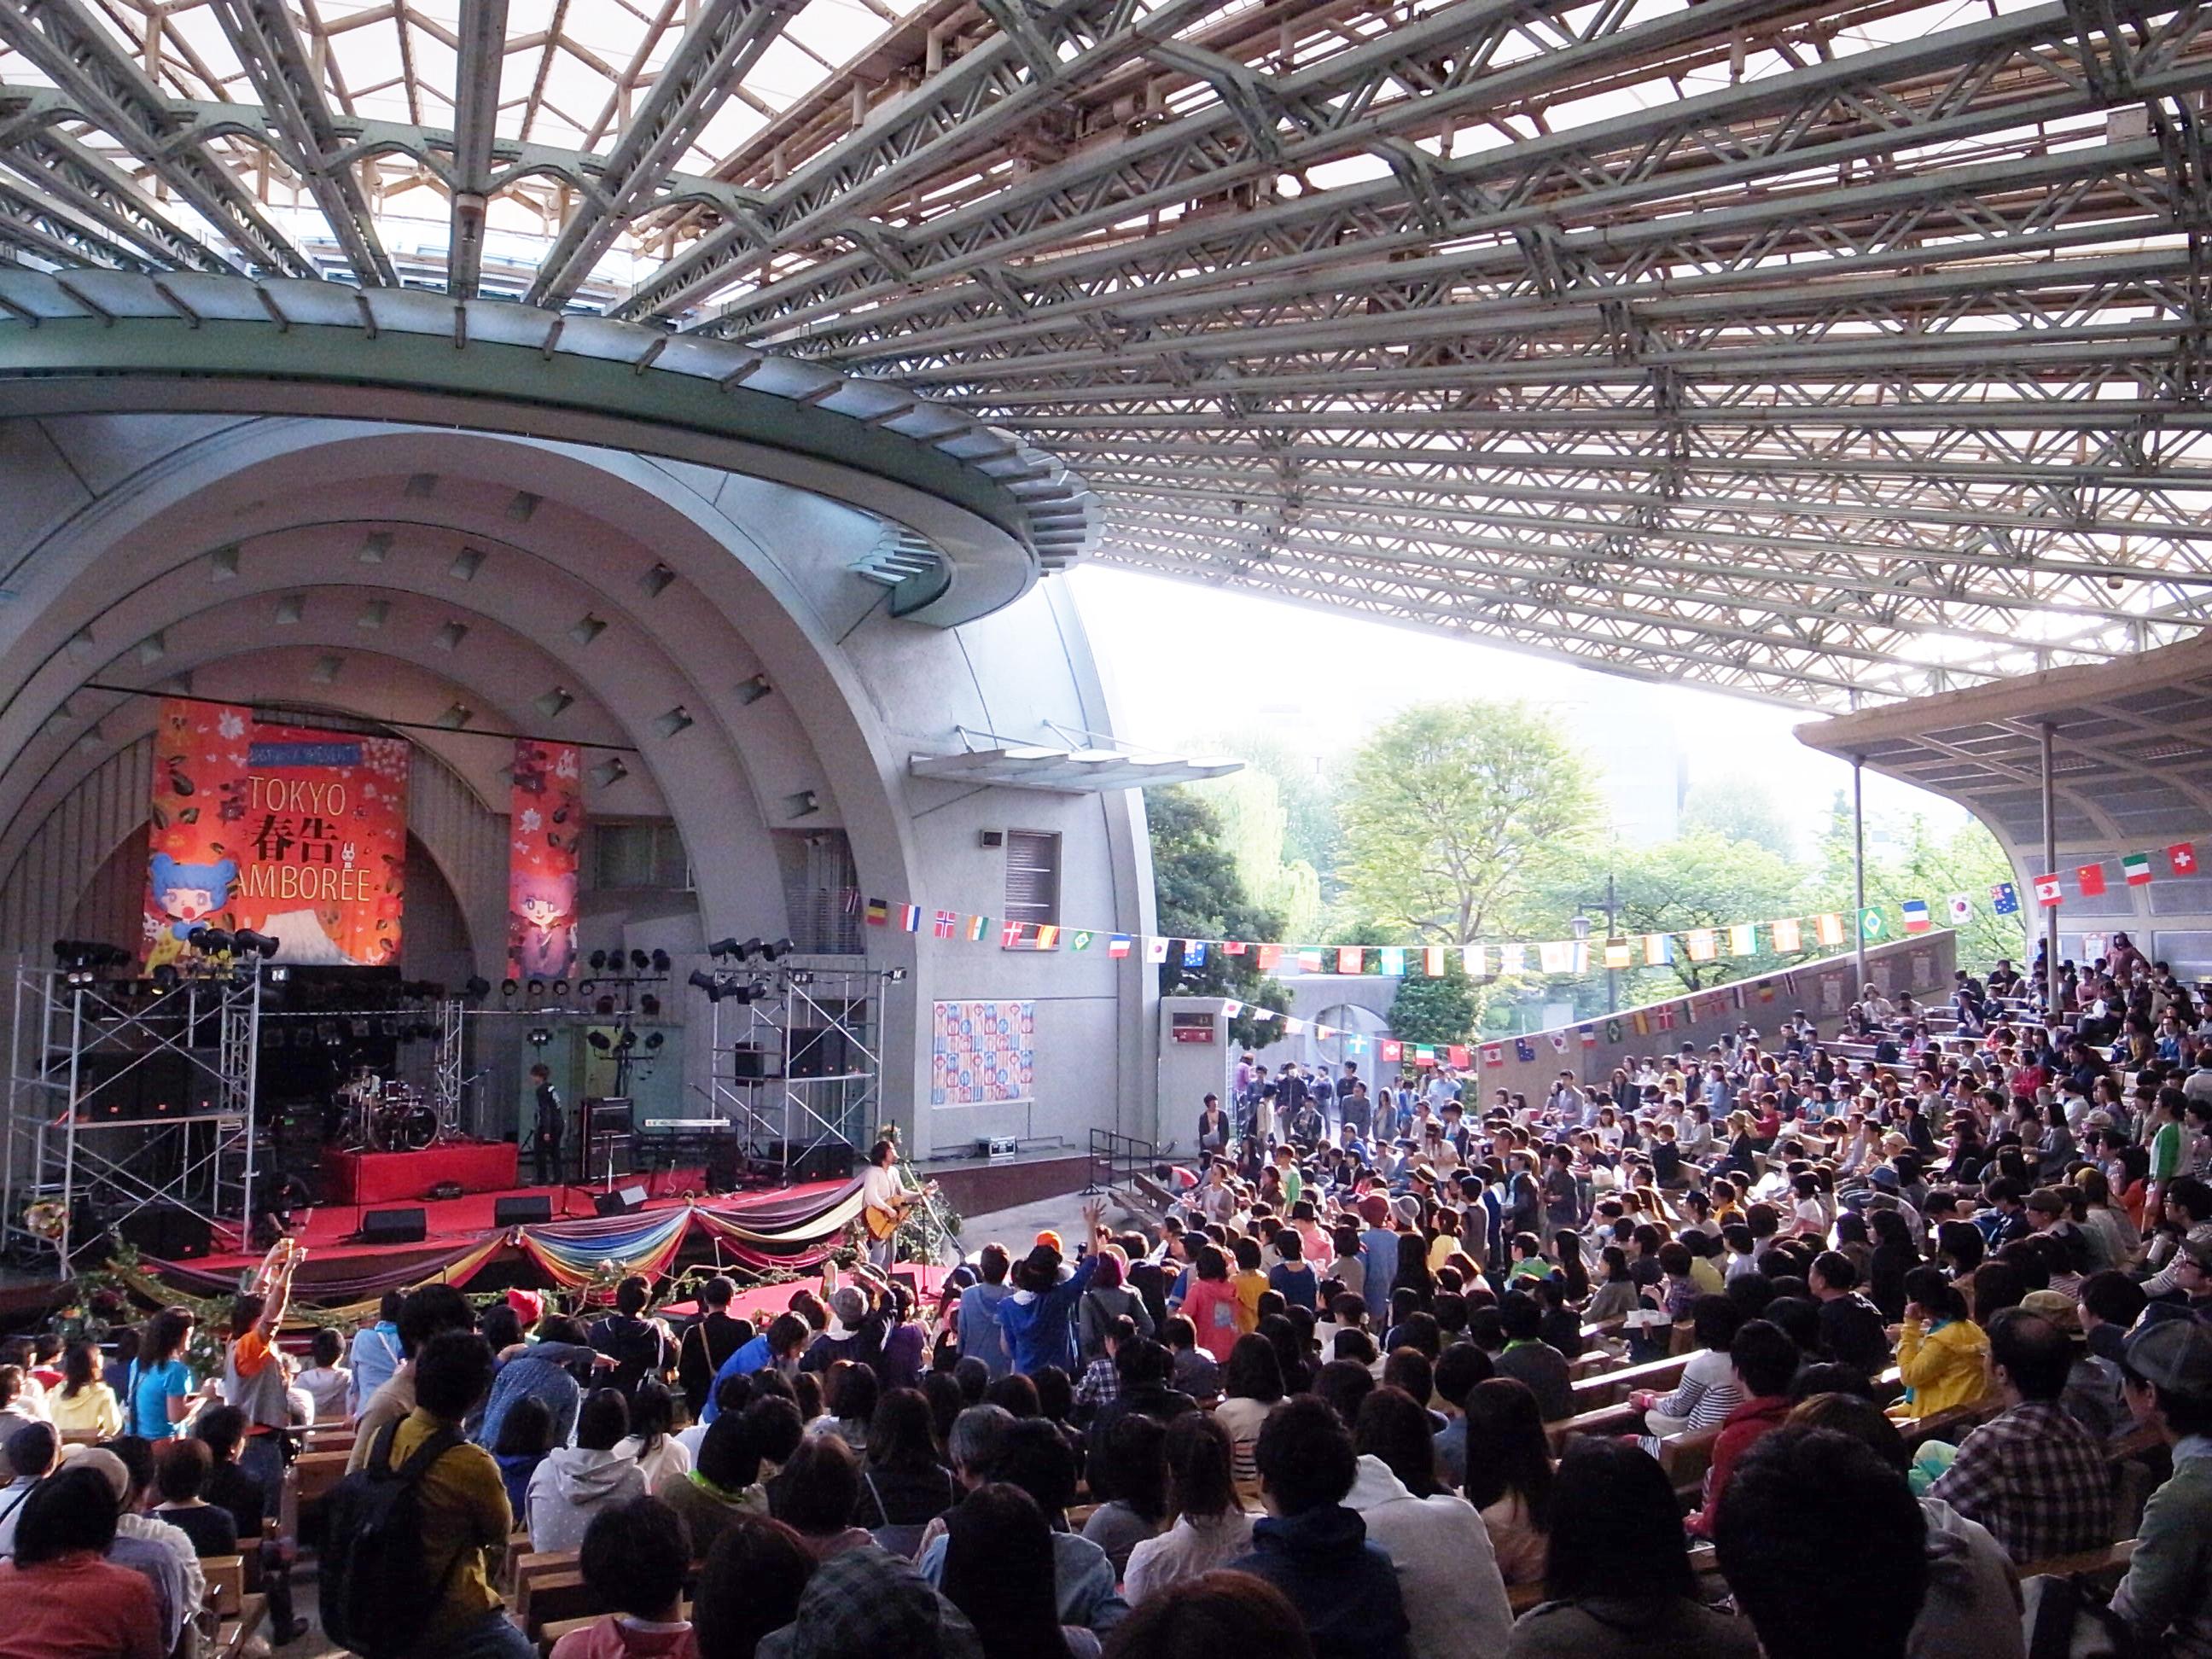 曽我部恵一 LIVEセットリストUPしました。4/29<TOKYO春告ジャンボリー2013>@東京 上野恩賜公園野外ステージ